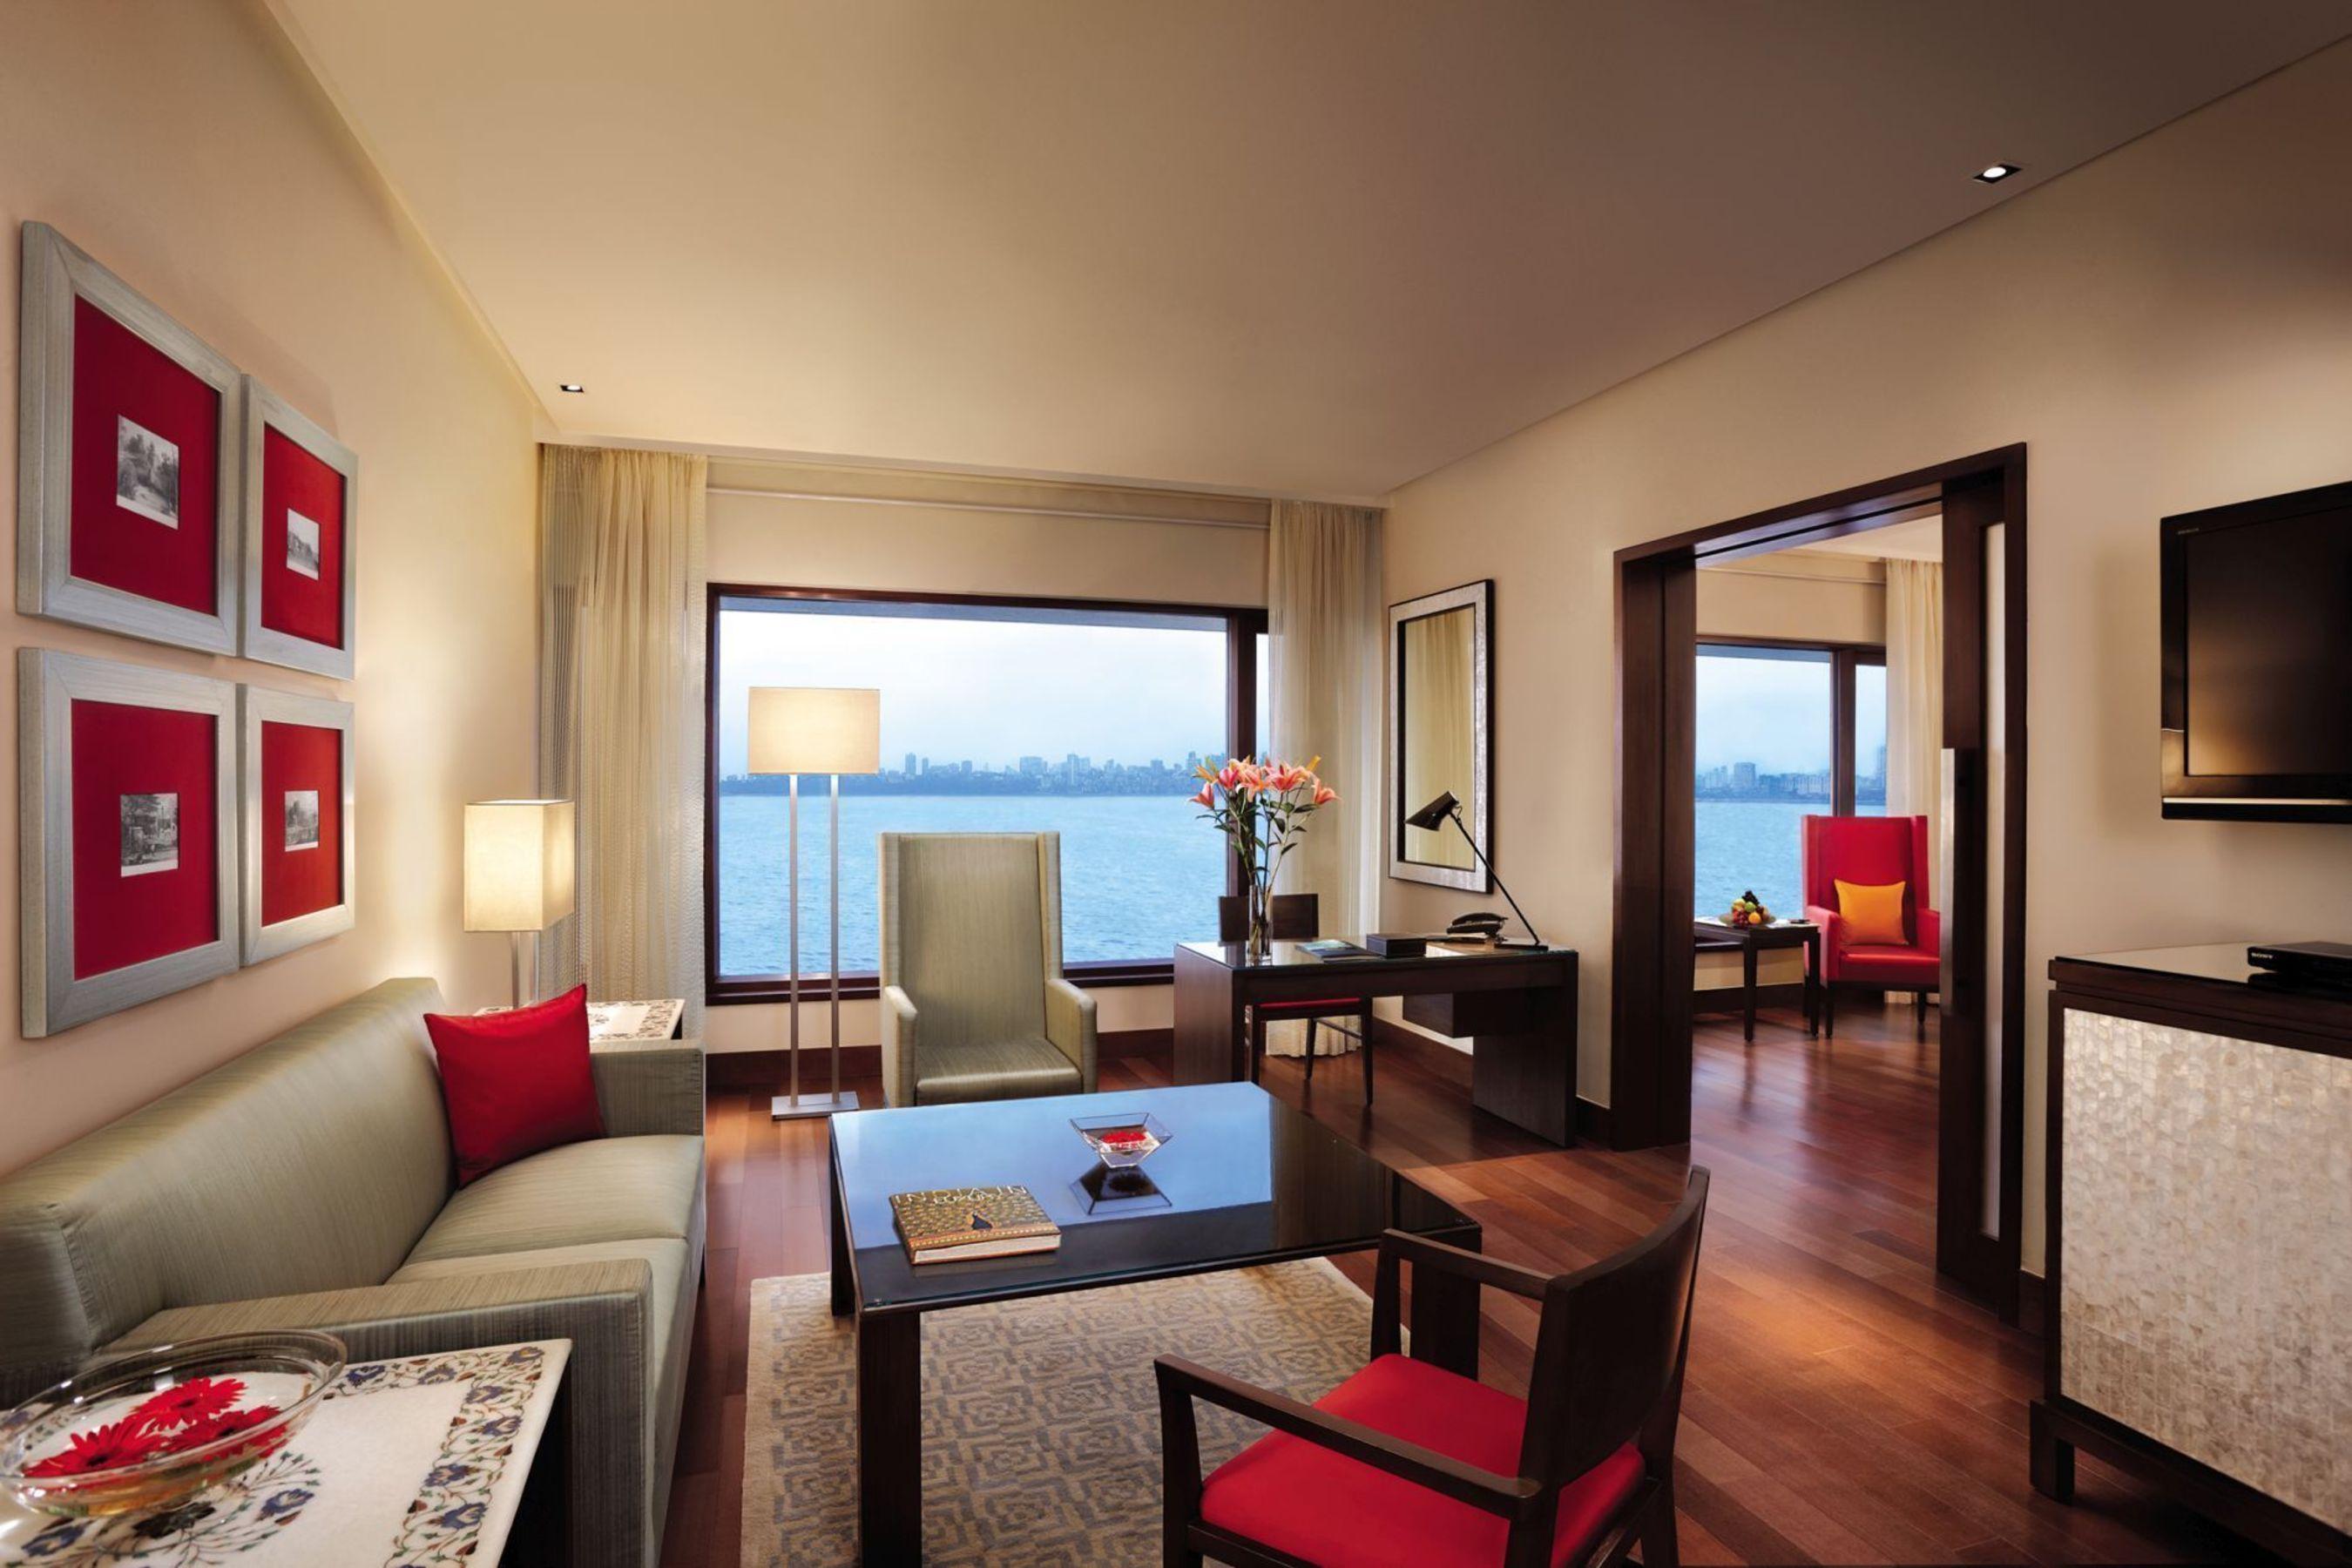 The Oberoi, Mumbai - Oberoi Executive Suite - Ocean View (PRNewsFoto/The Oberoi_ Mumbai)